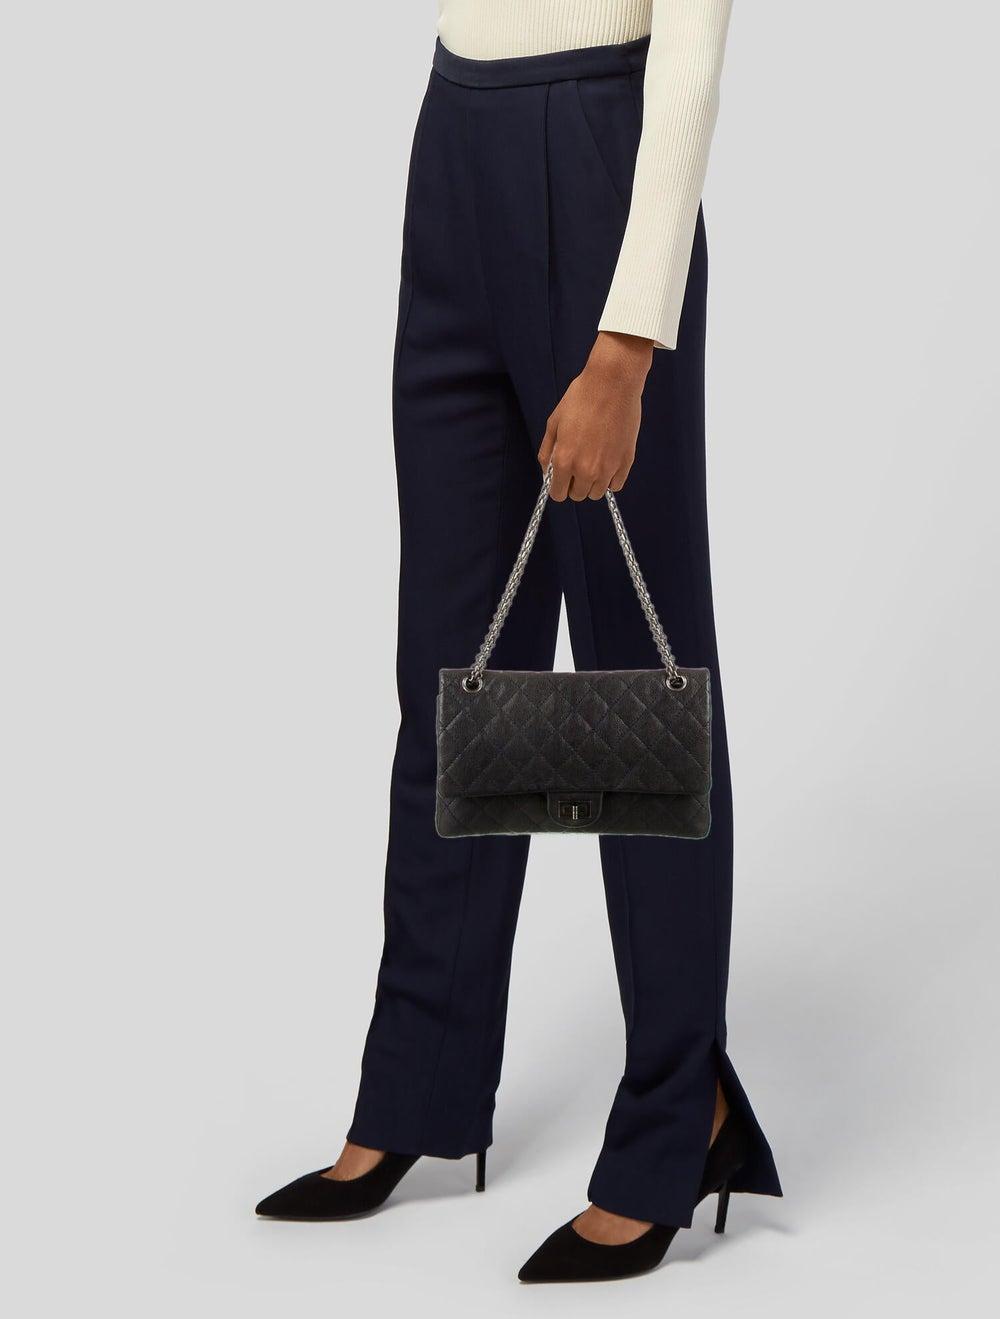 Chanel Vintage Reissue 226 Double Flap Bag Blue - image 2